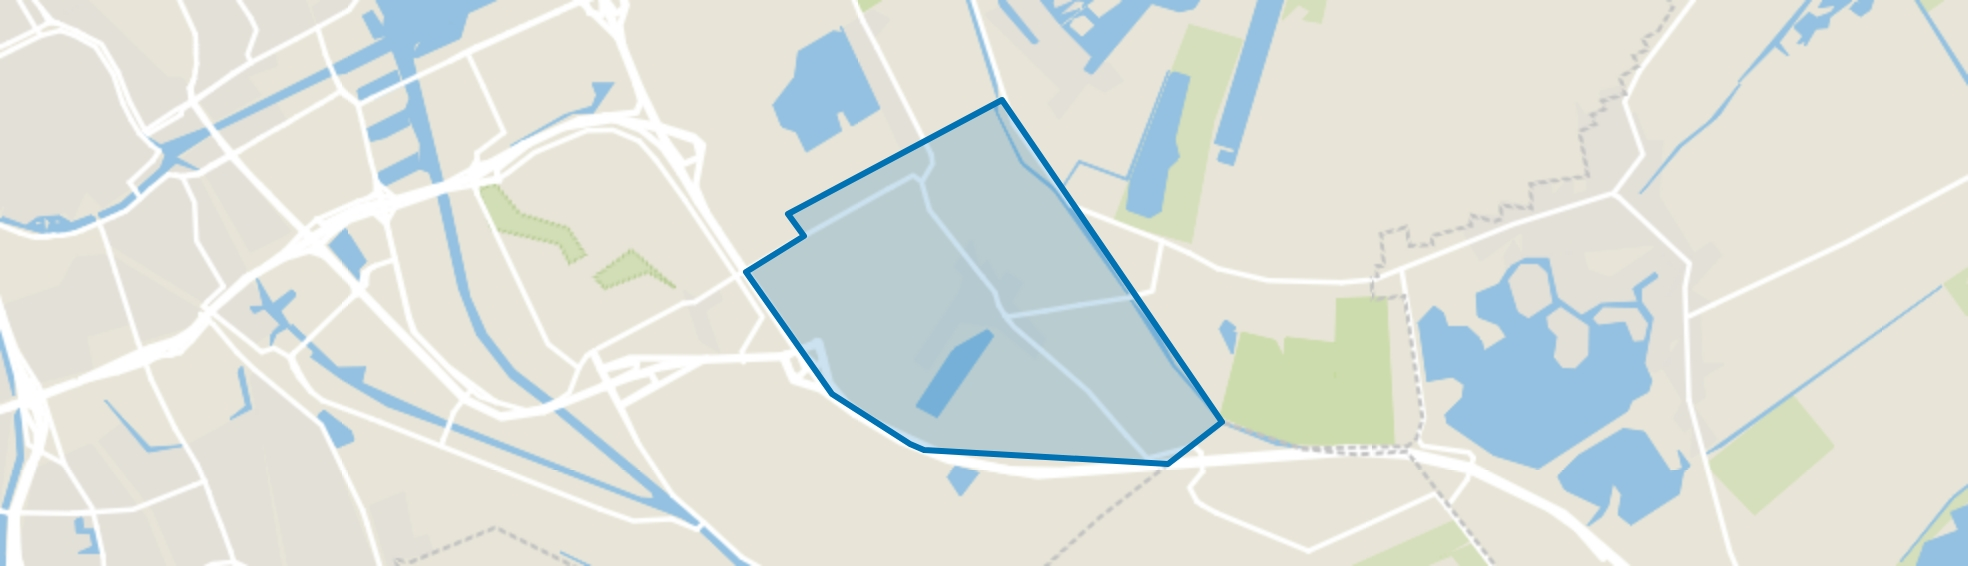 Engelbert, Groningen map